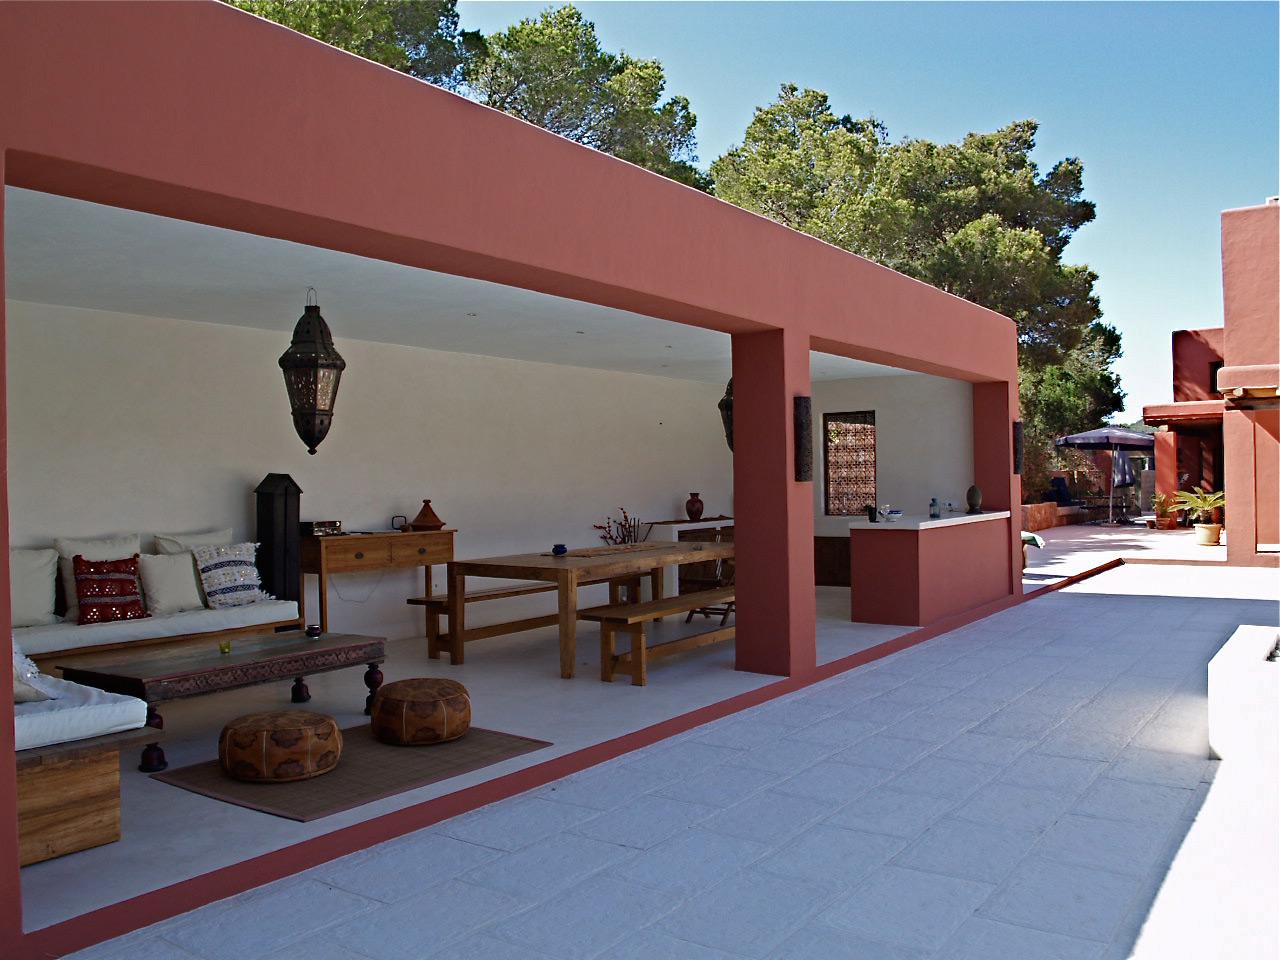 Alquiler de Villa en Cala Vadella - Ibiza (Ref. 738) - 1